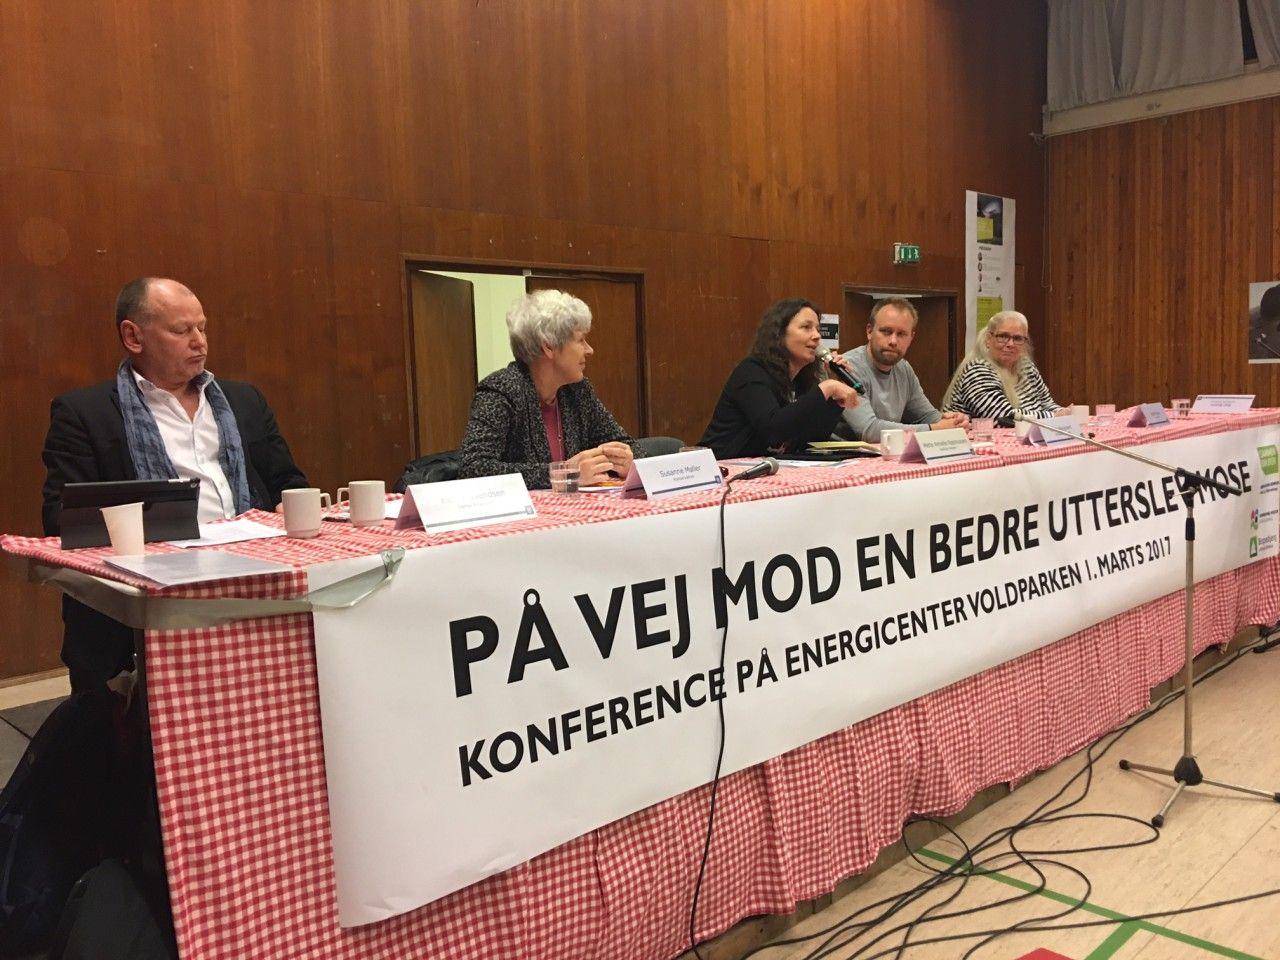 Vellykket konference om Utterslev Mose